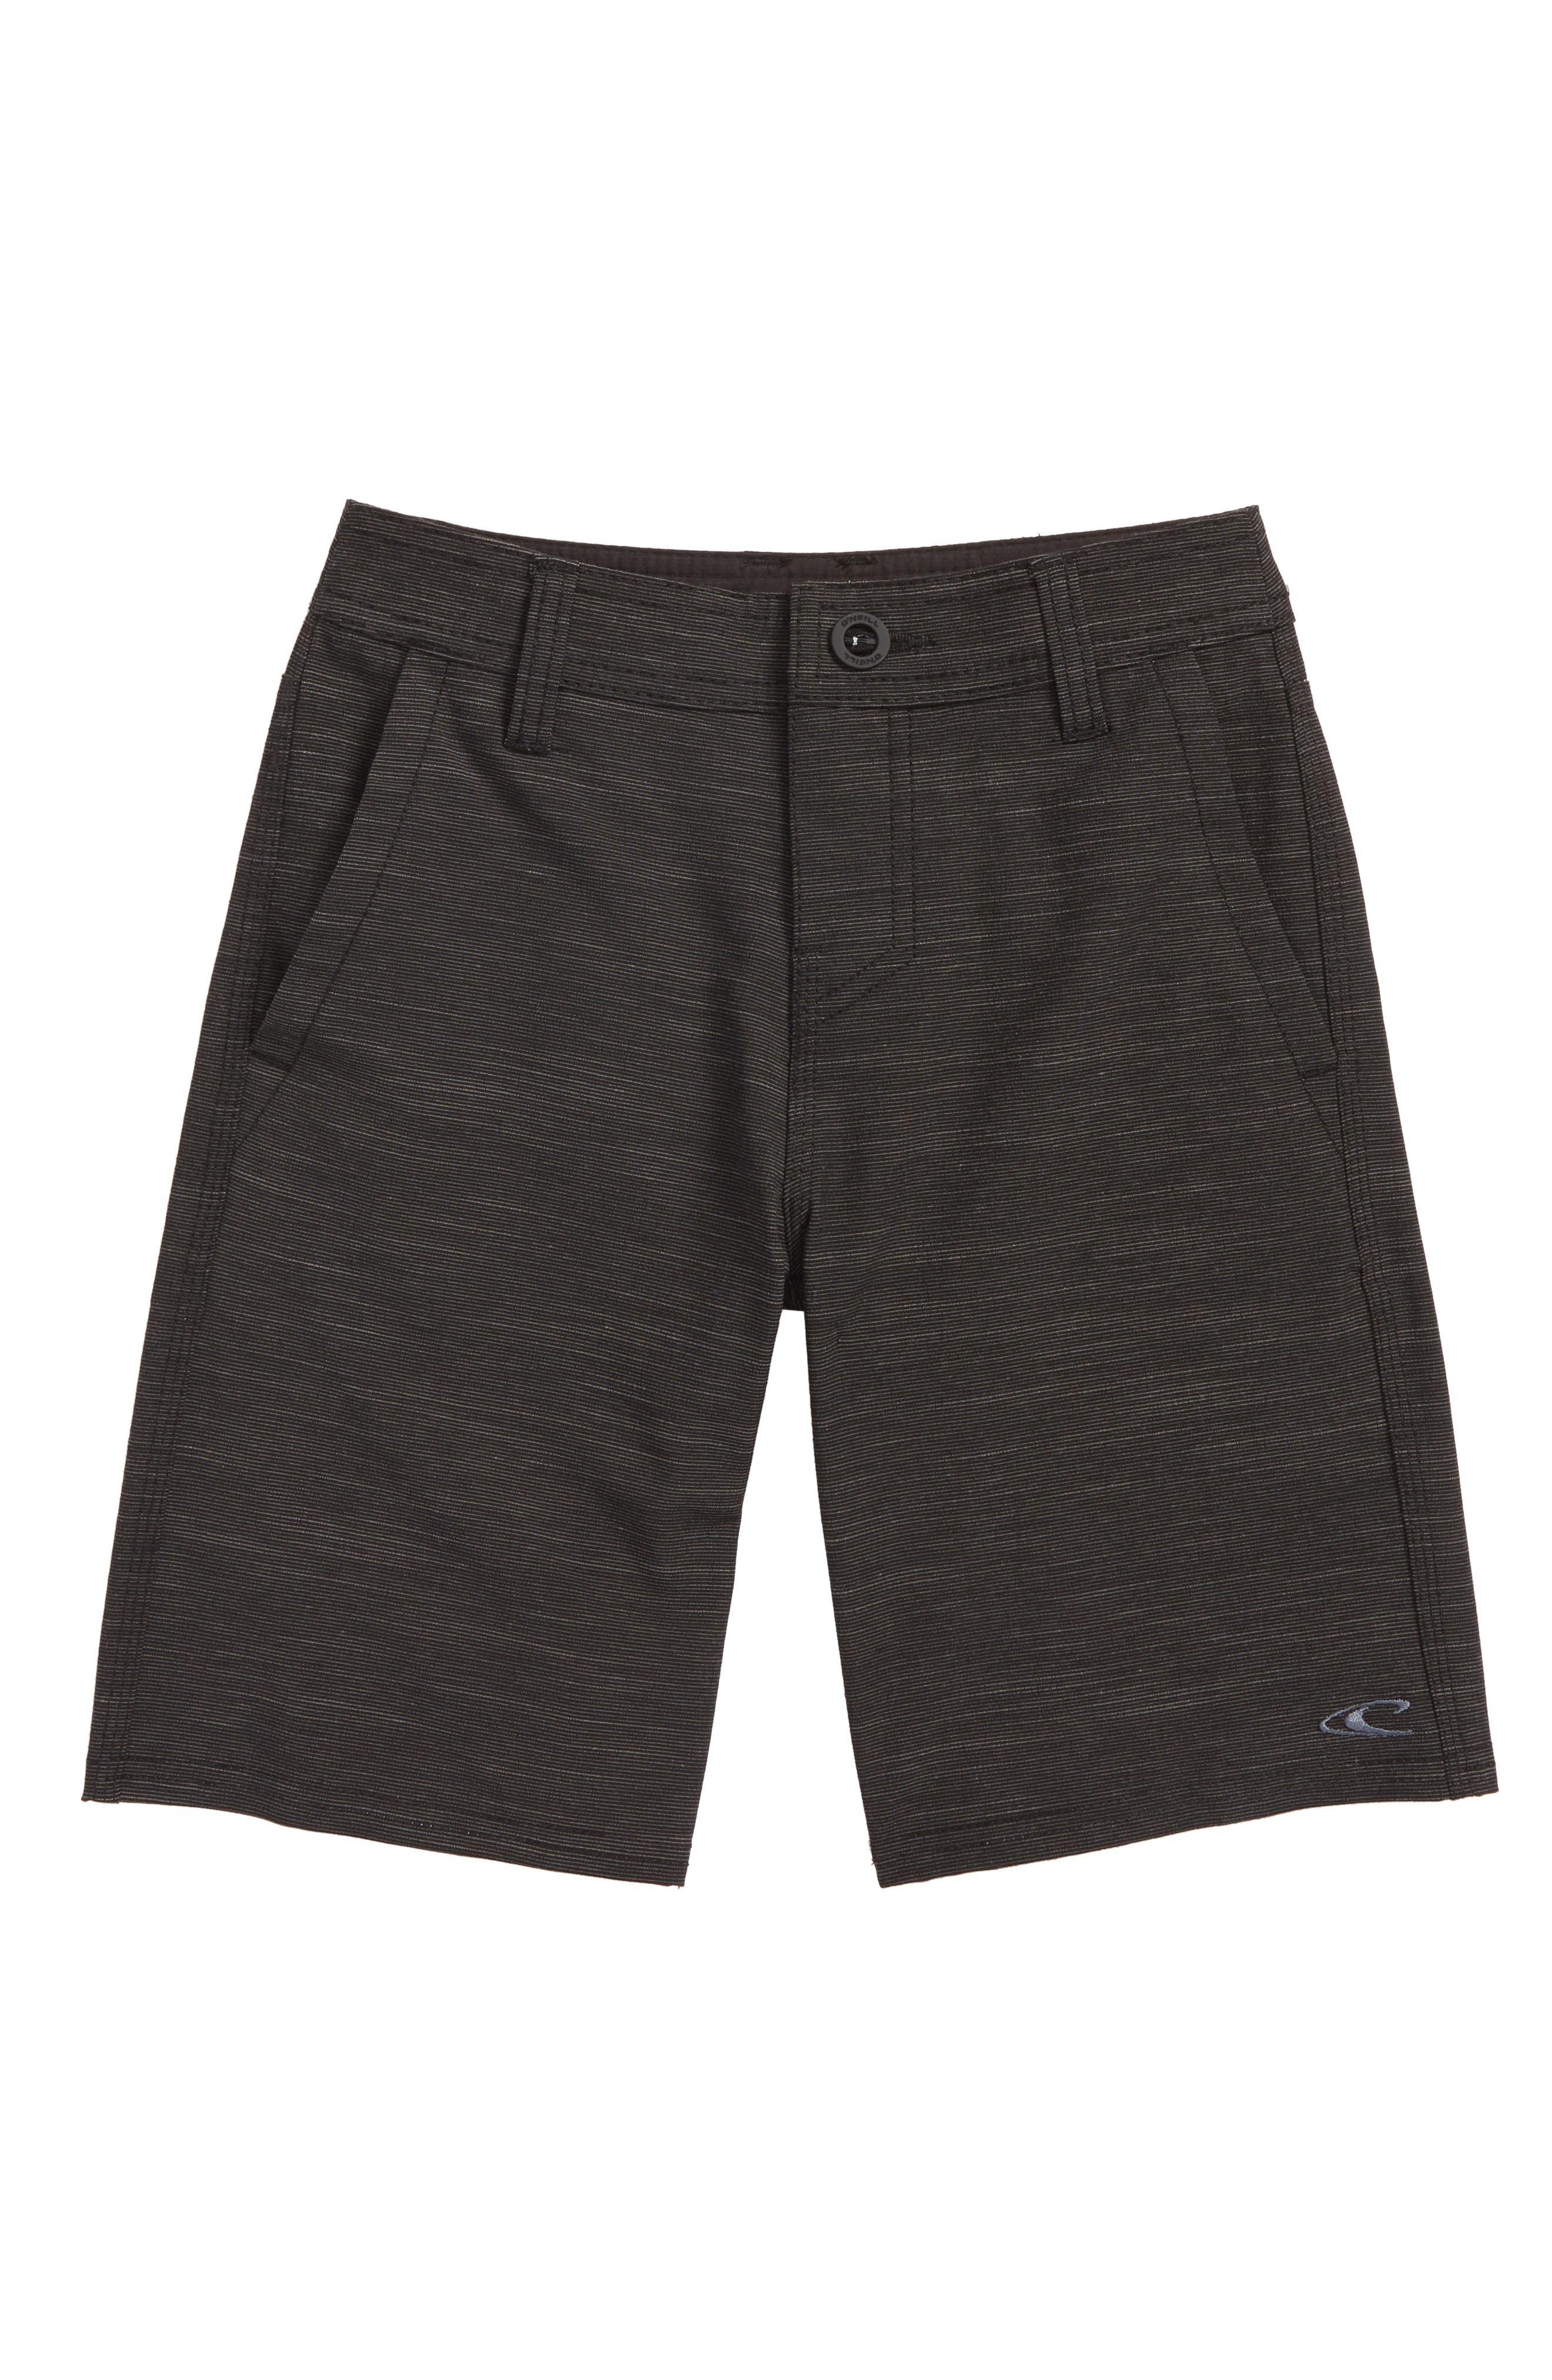 O'Neill Locked Slub Hybrid Board Shorts (Big Boys)